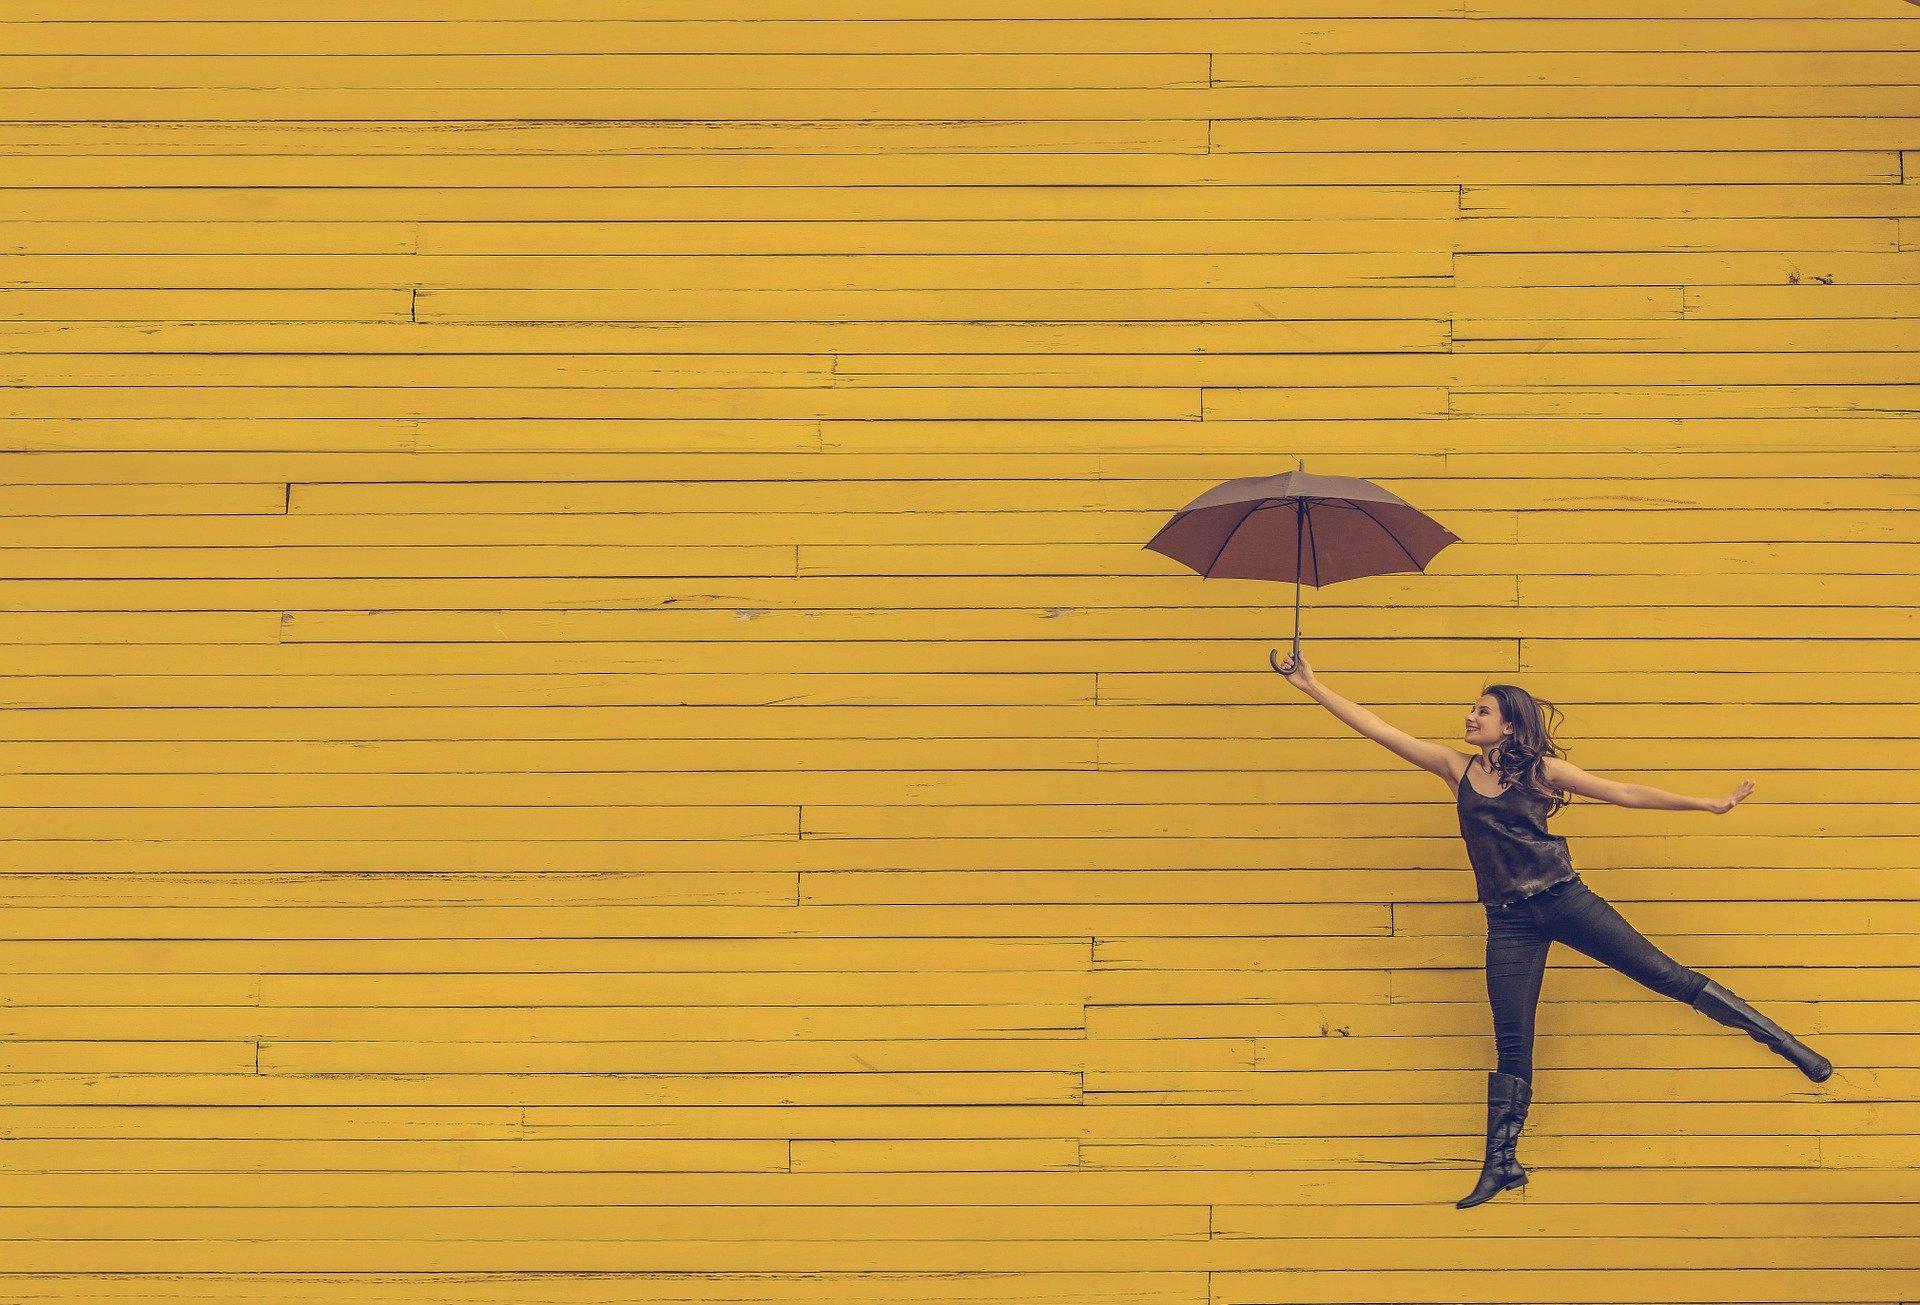 Eine Frau tanzt schwebend mit Regenschirm